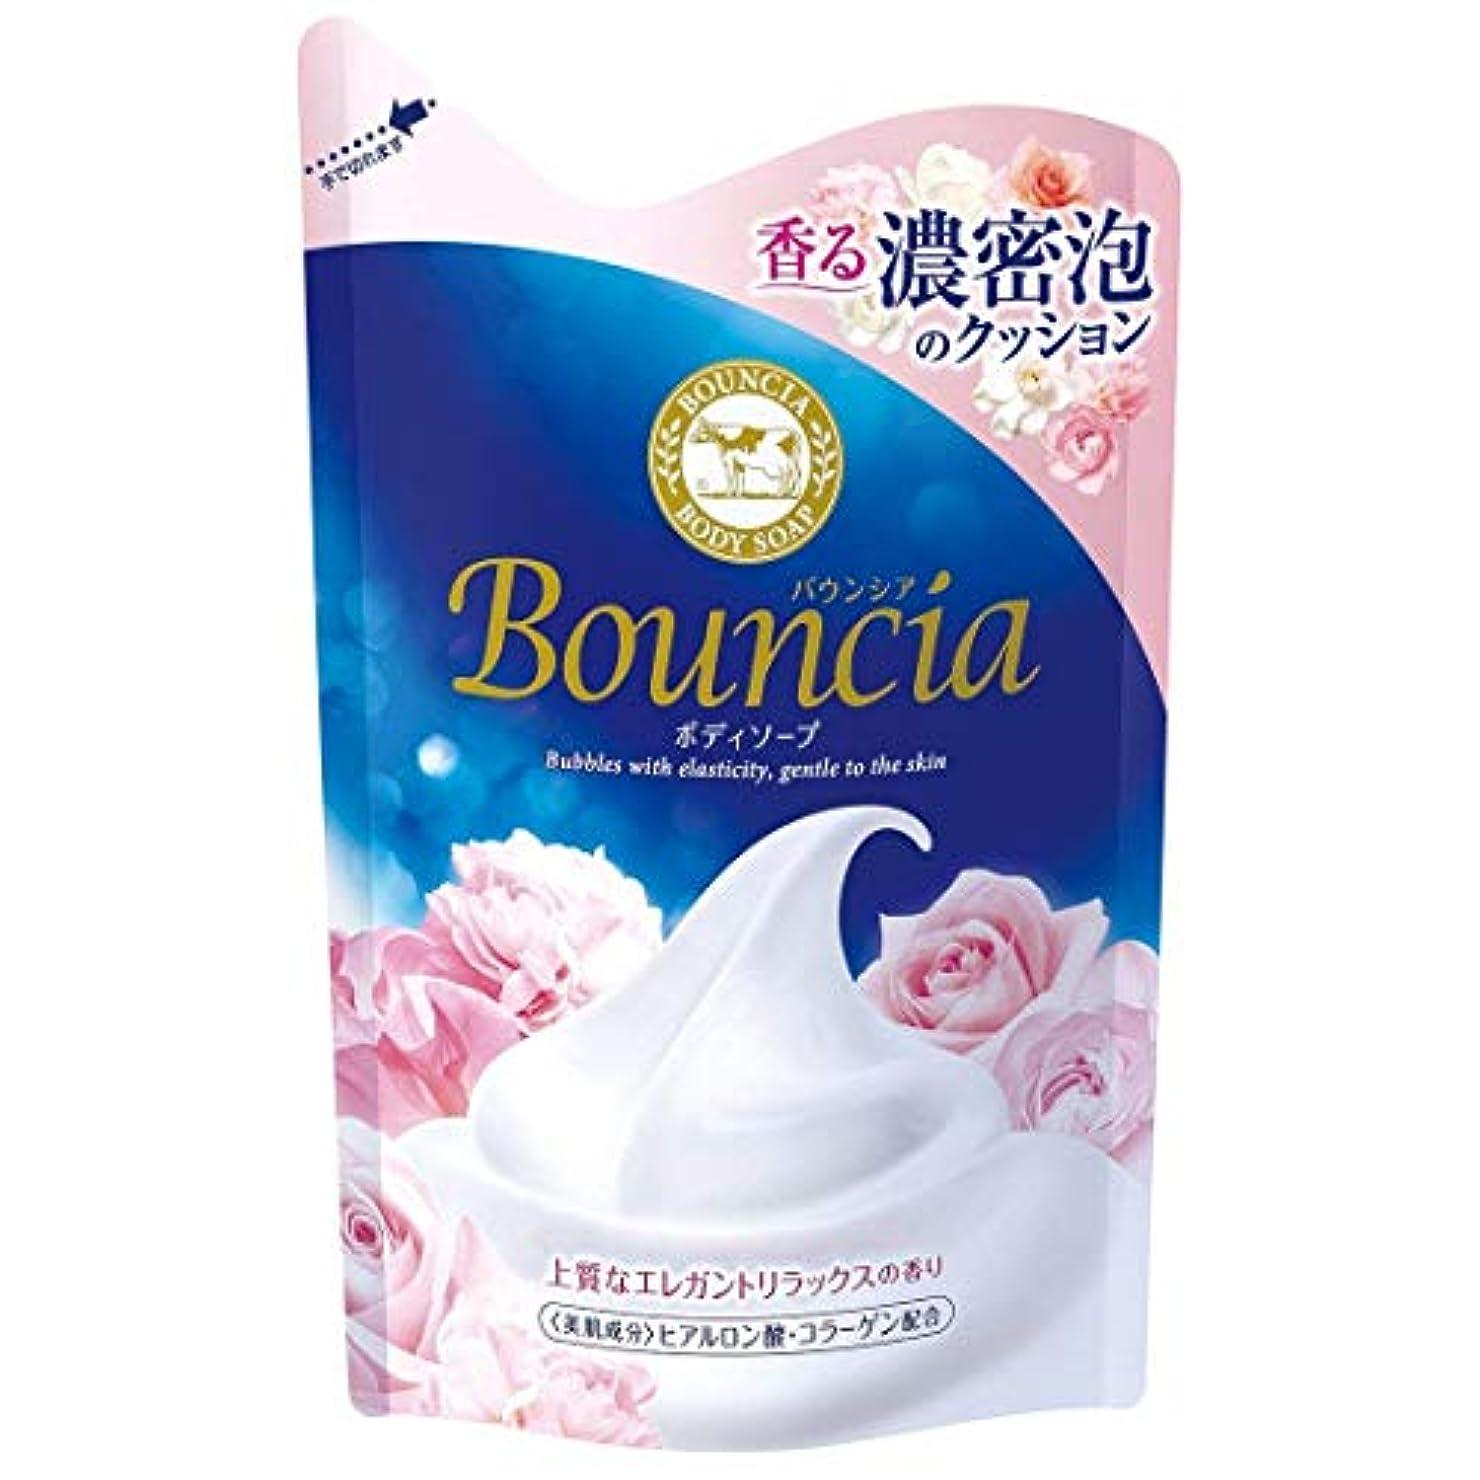 バッジ恩恵計り知れない【まとめ買い】 バウンシア ボディソープ エレガントリラックスの香り つめかえ用 430ml × 3個